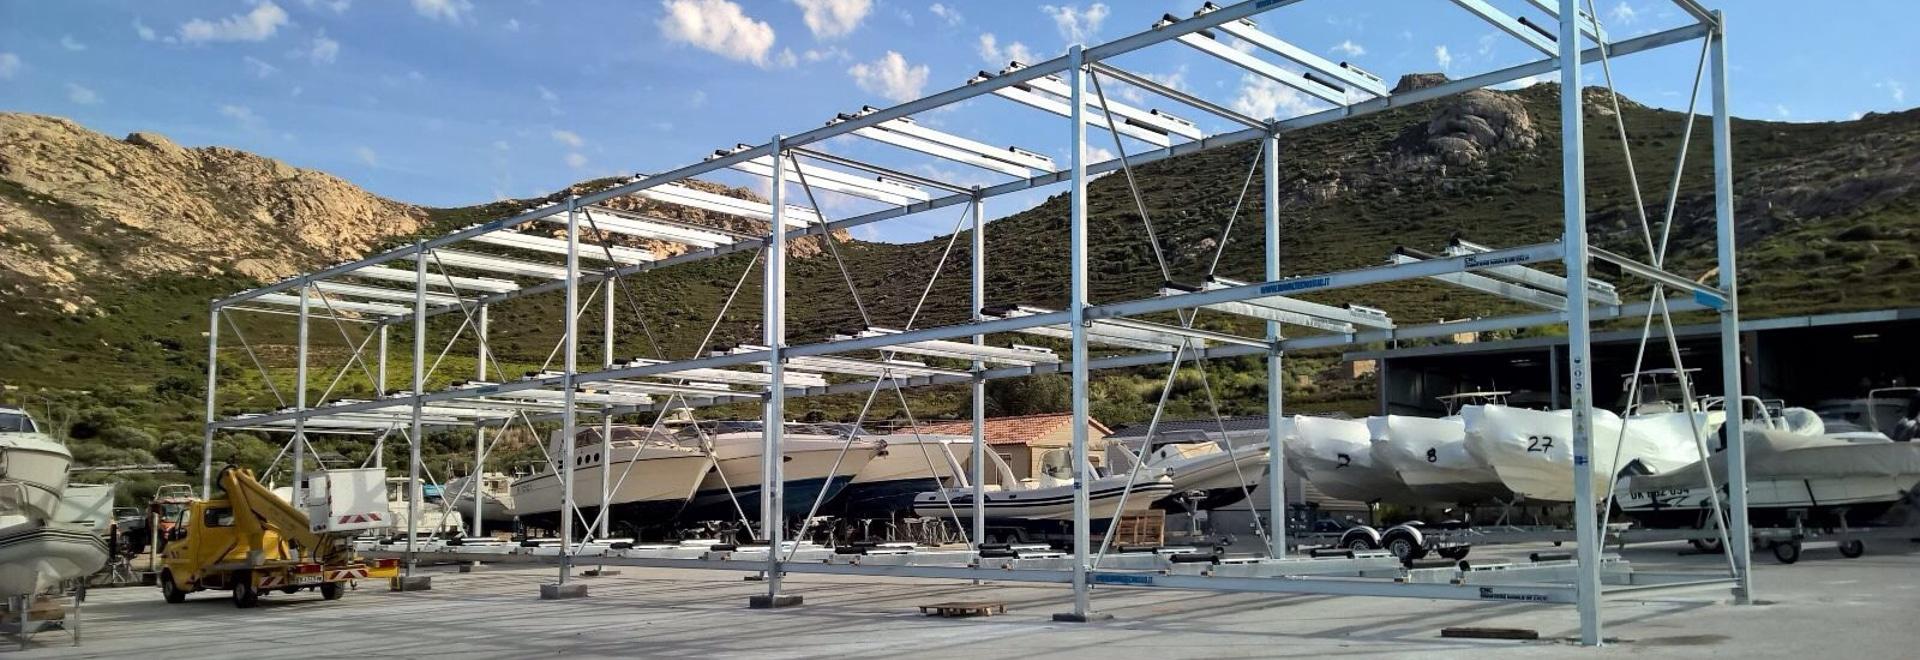 Nuova realizzazione di scaffale per barche in Corsica!